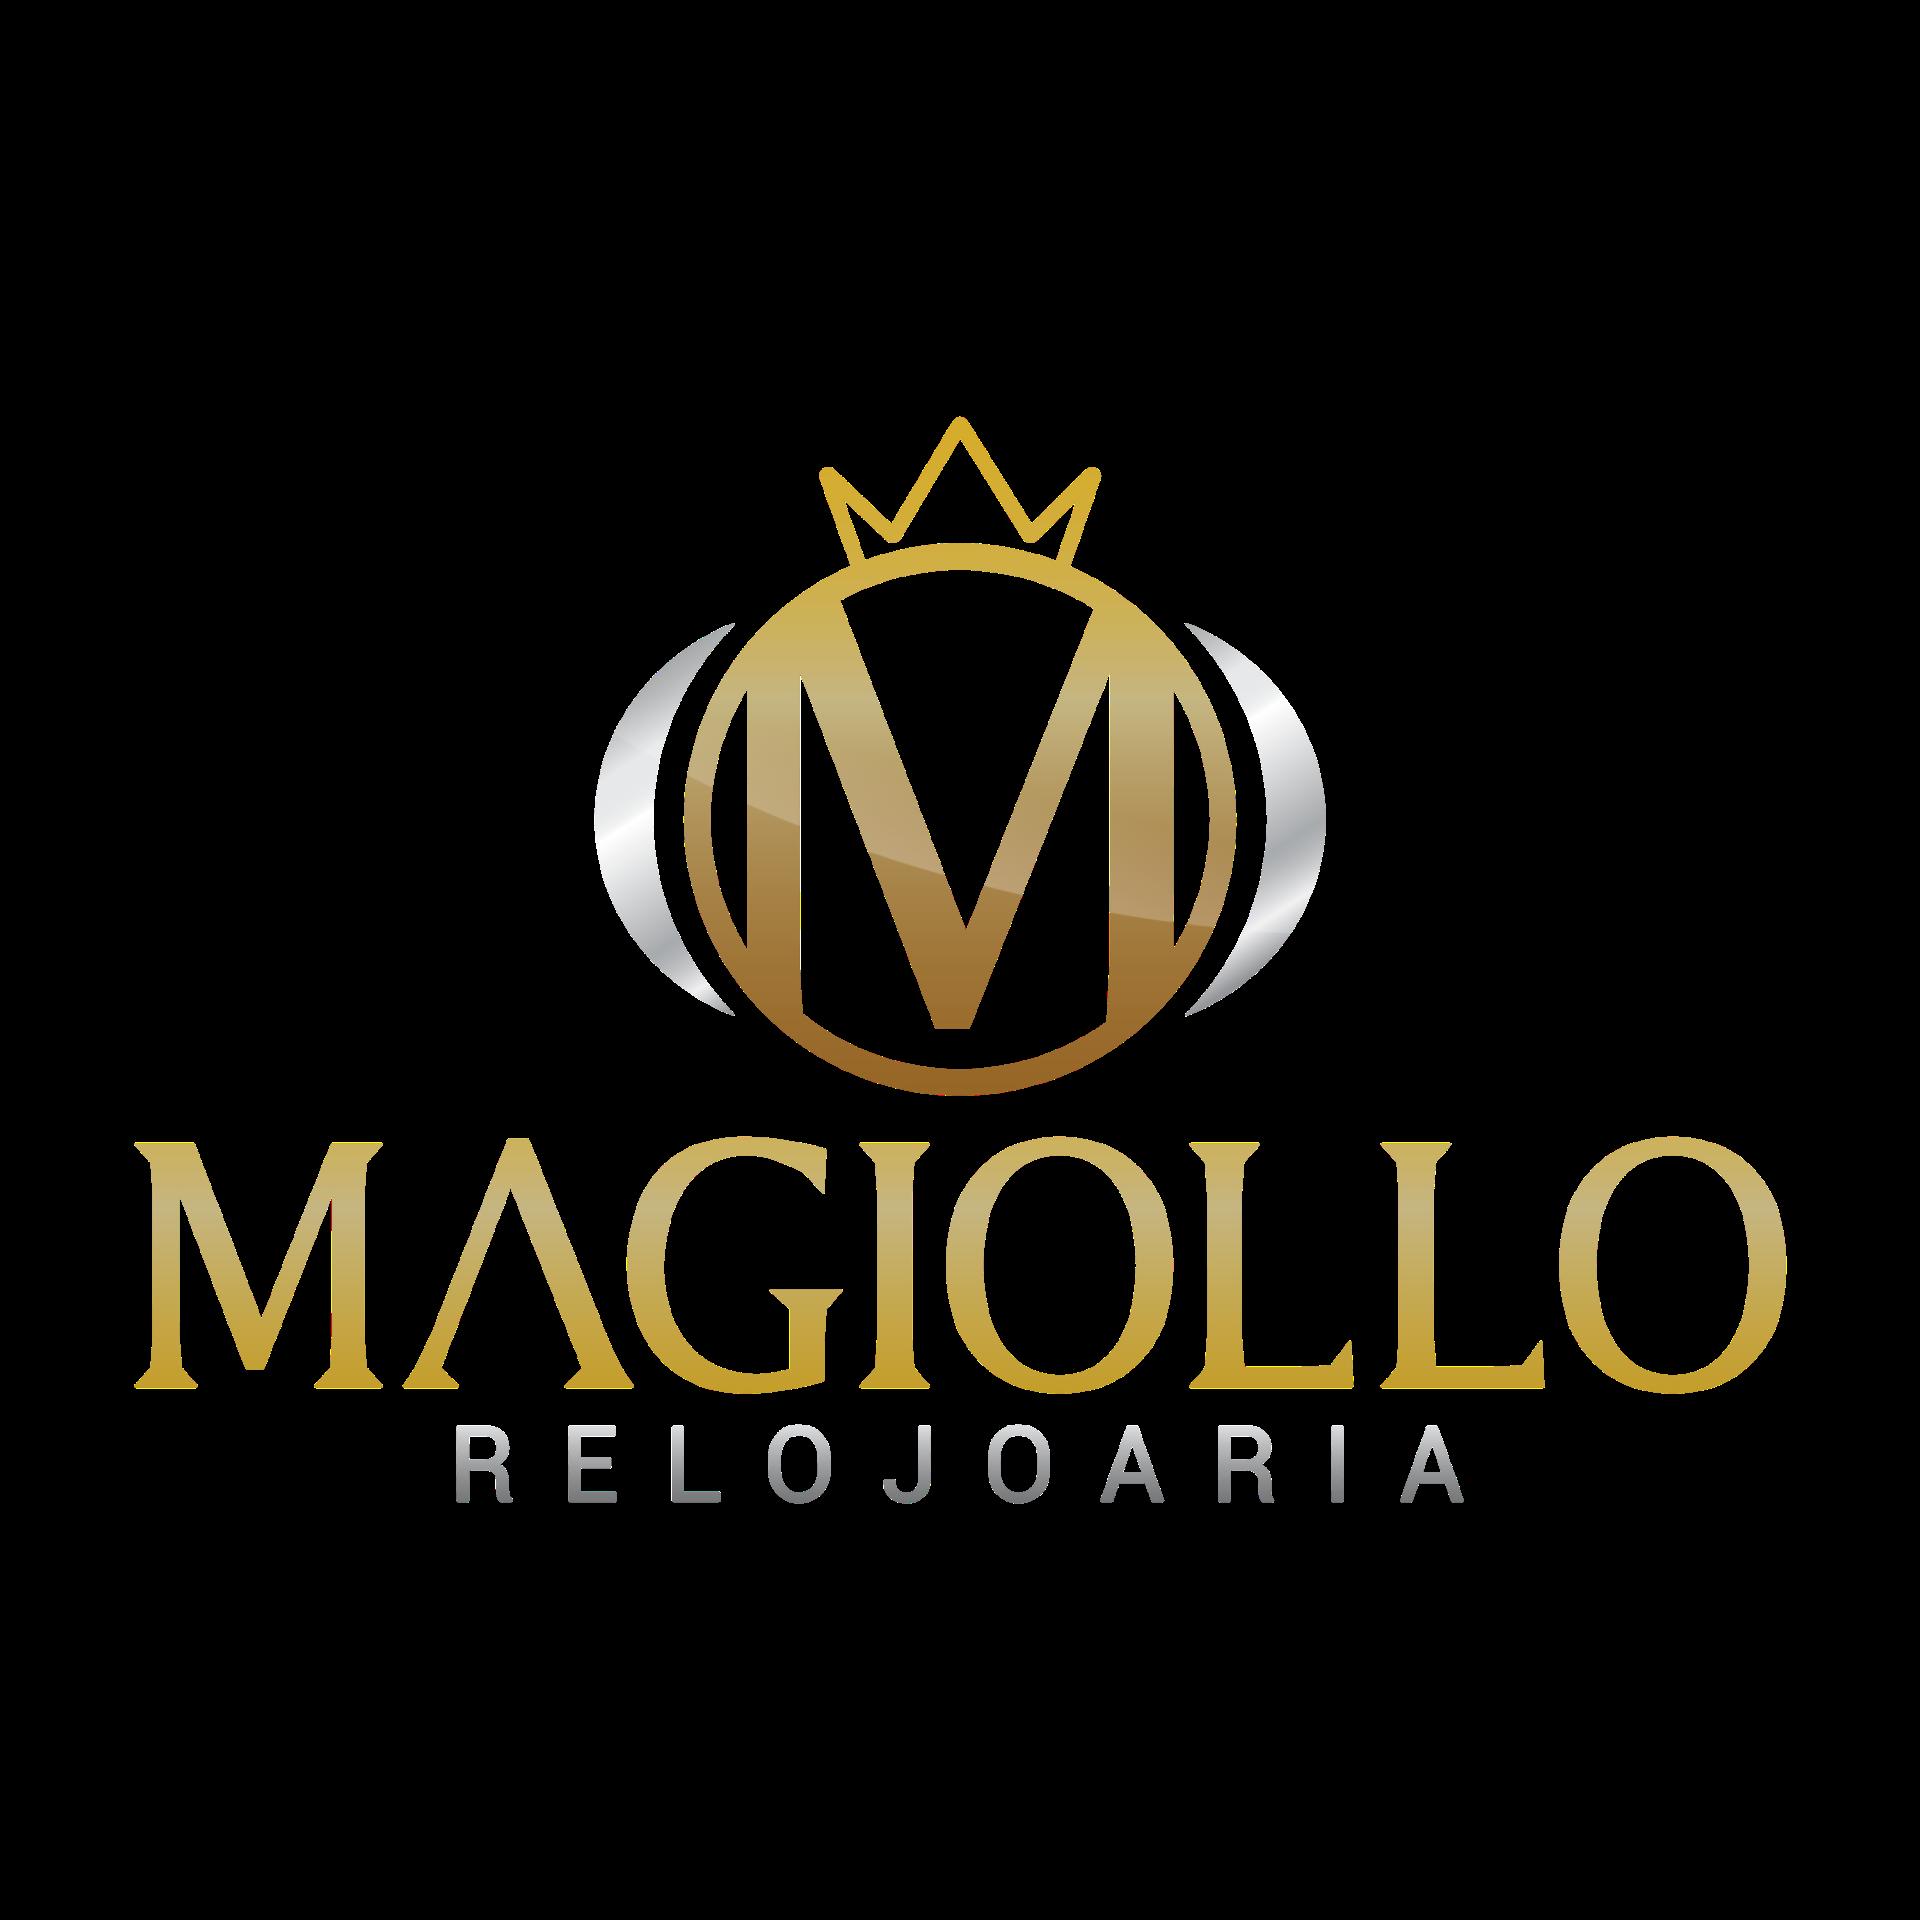 RELOJOARIA MAGIOLLO